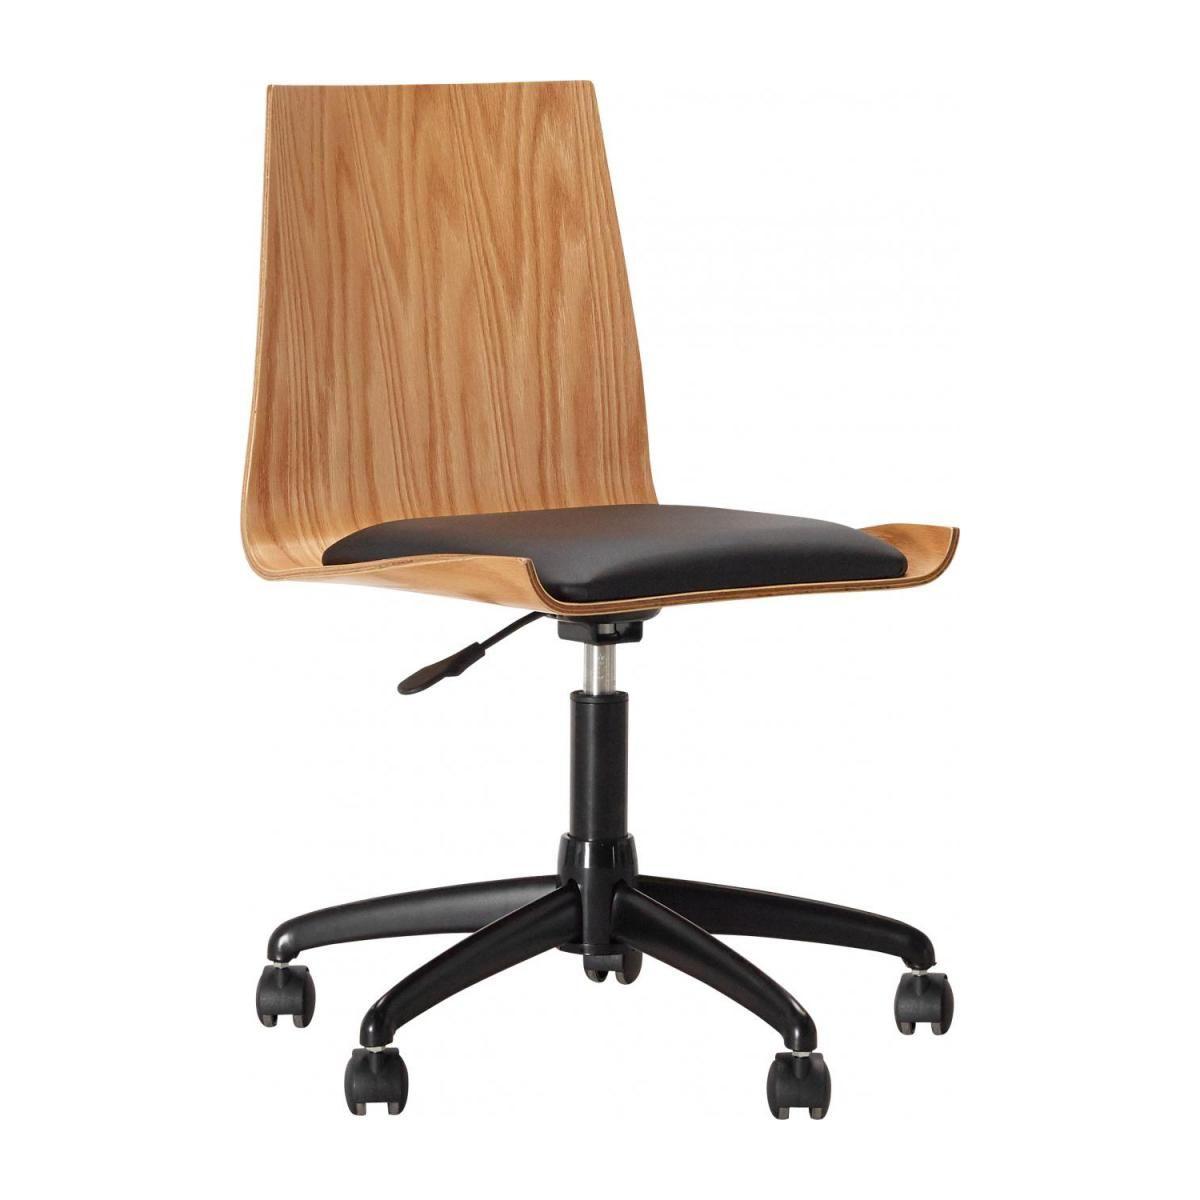 Ghandi Chaise De Bureau Design En Chene Habitat Chaises De Bureau Habitat Ventes Pas Cher Com Chaise De Bureau Design Chaise Bureau Bureau Design